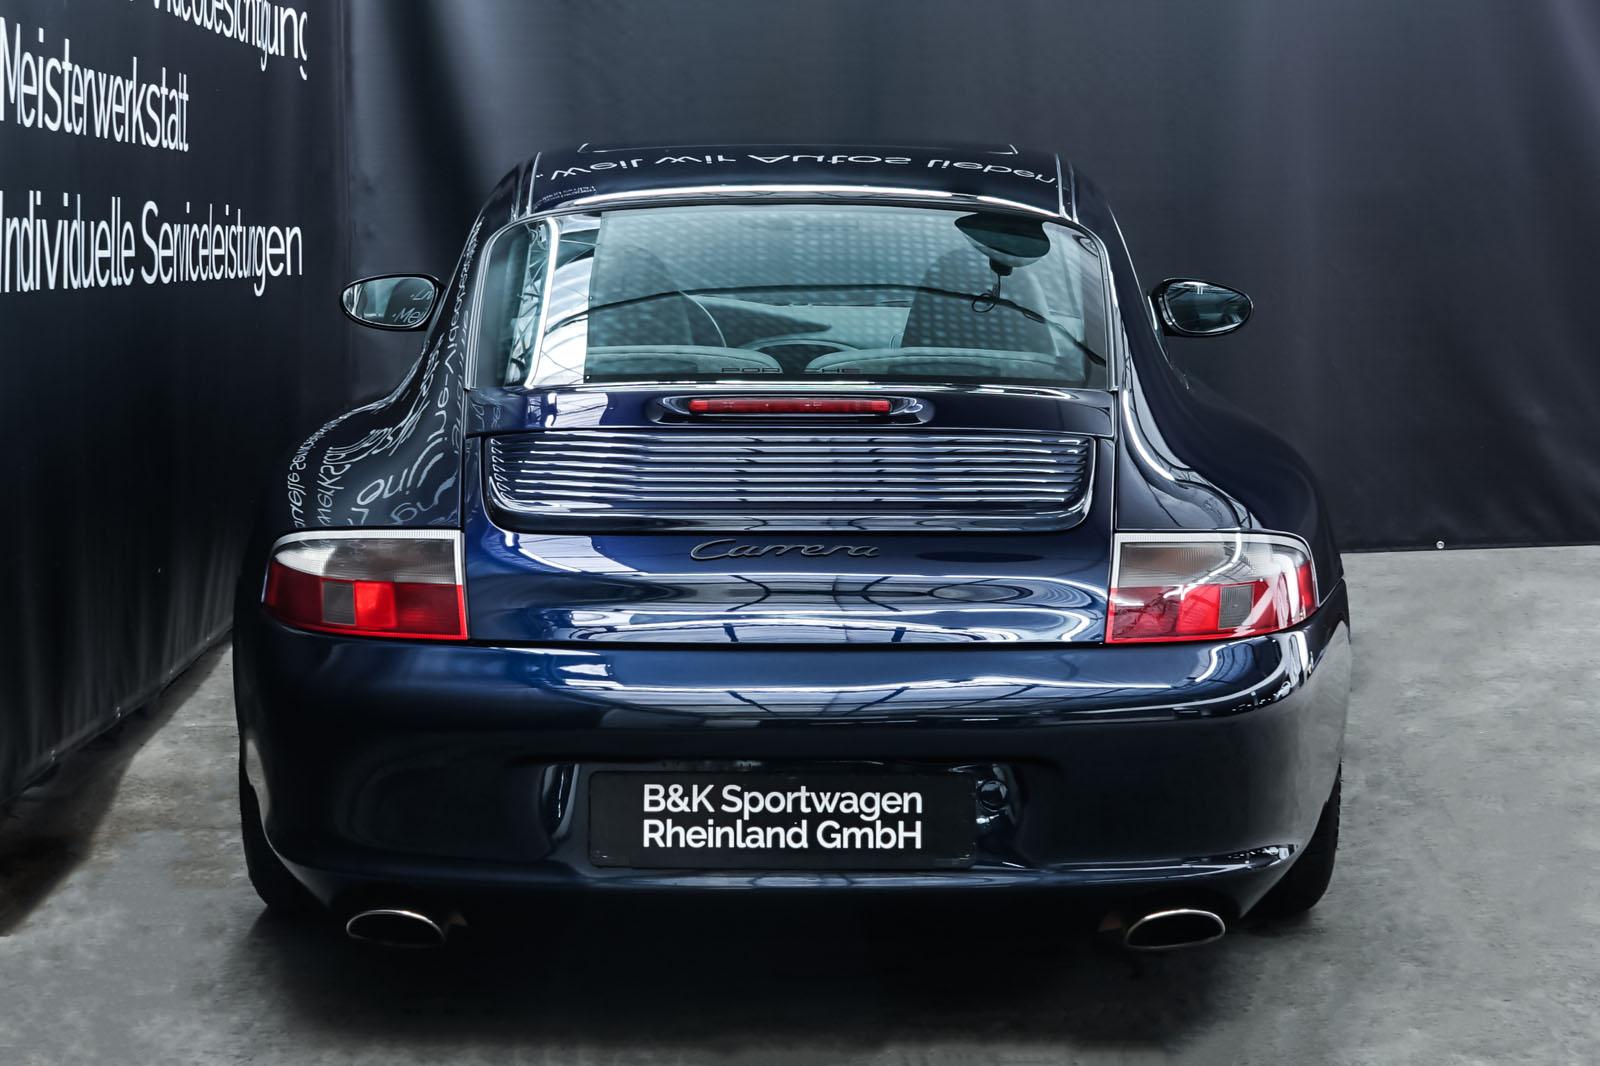 Porsche_996_Dunkelblau_Grau_POR-4337_13_w